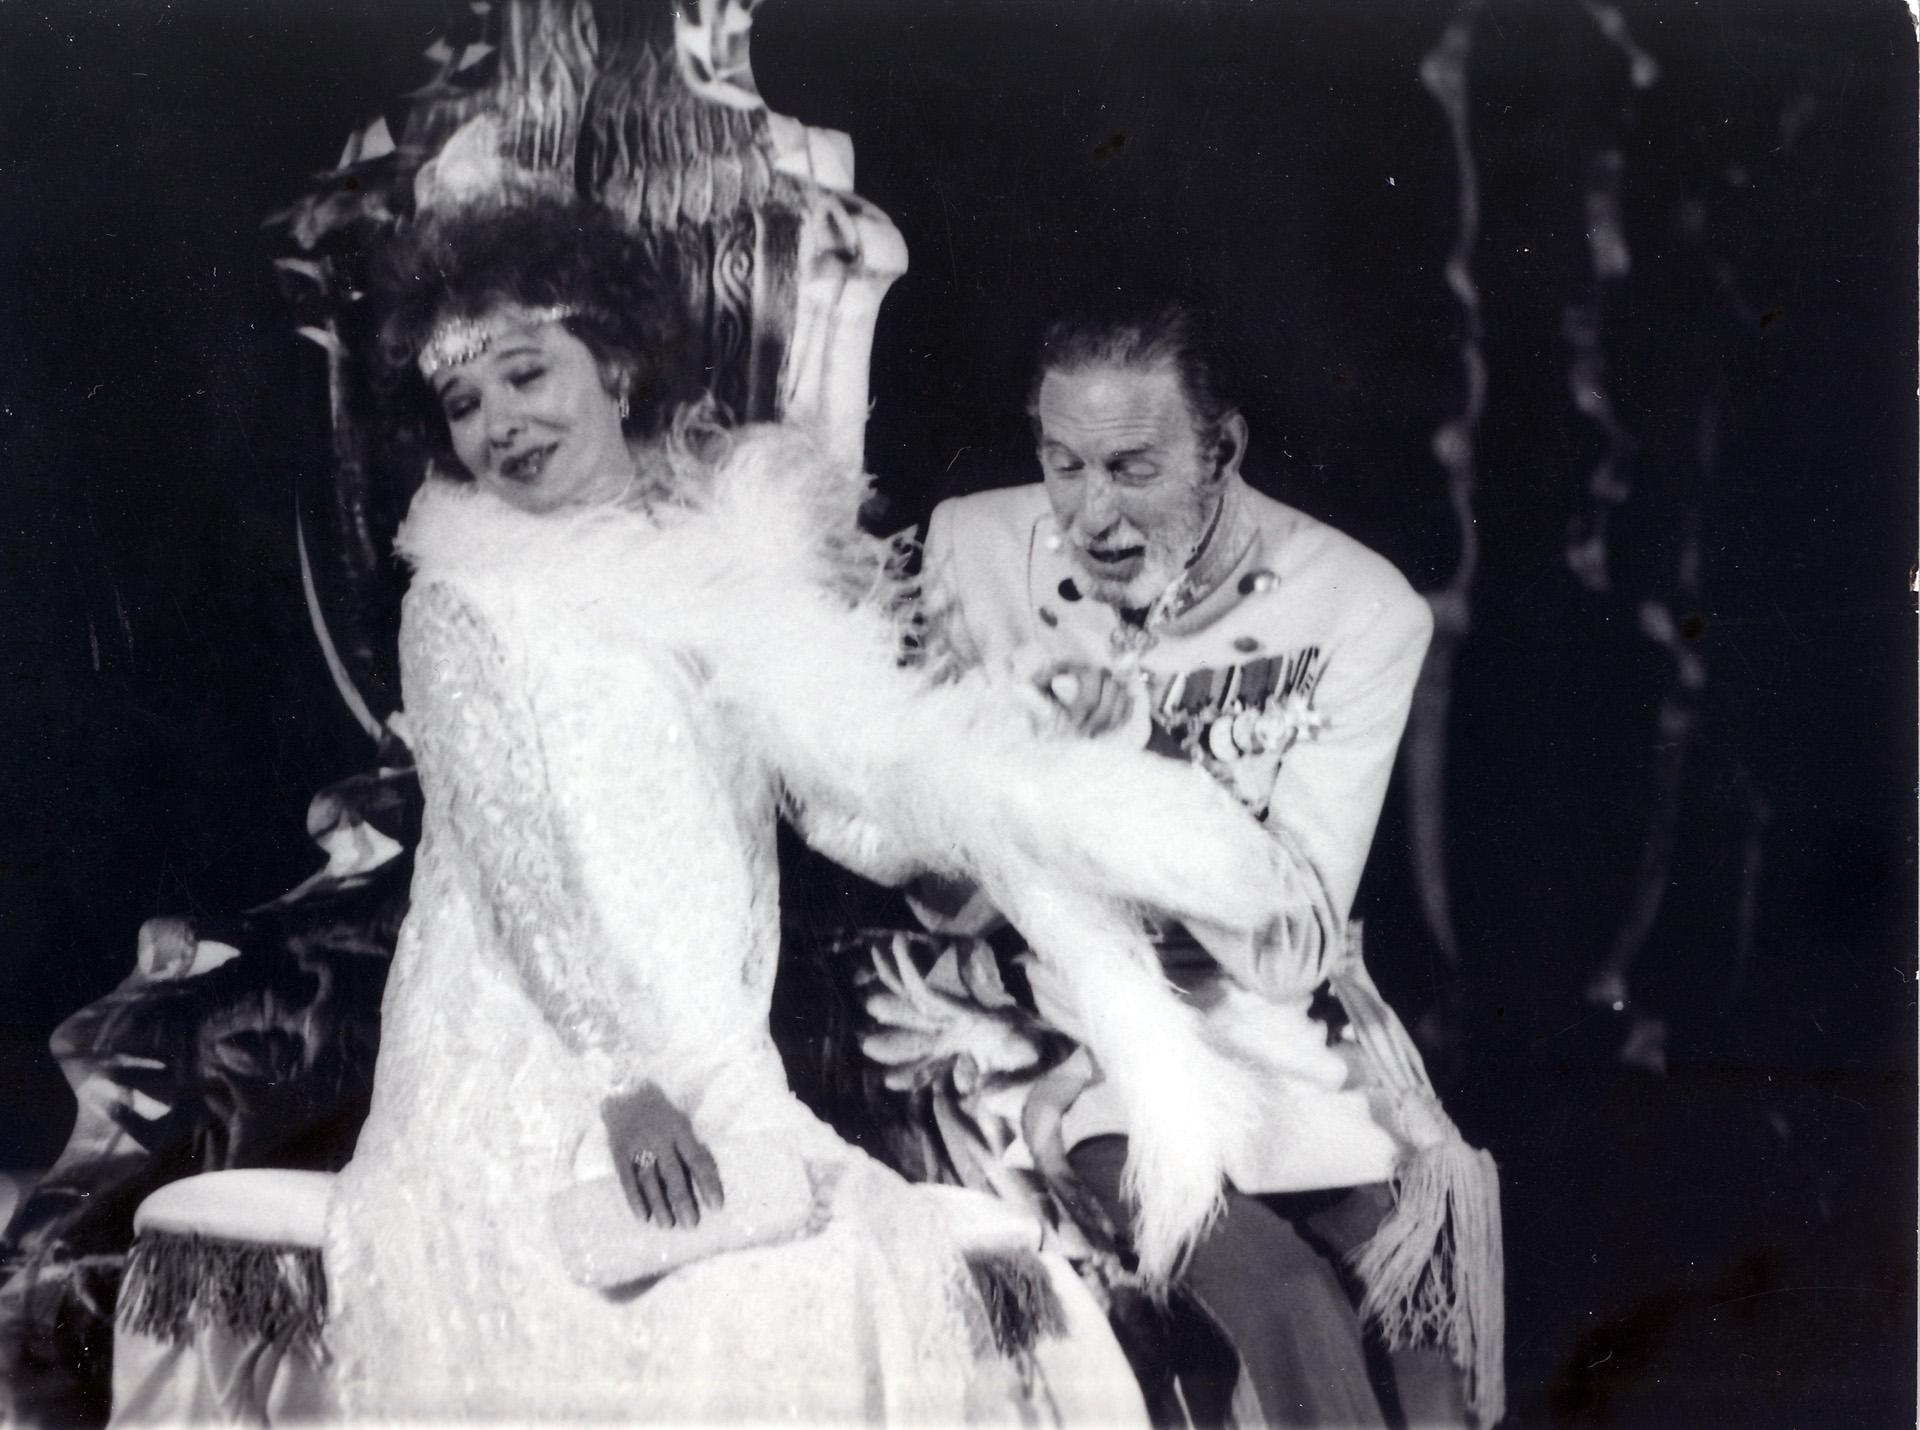 A Csárdáskirálynő című operett bemutatóján Budapesten, a Margitszigeti Szabadtéri Színpadon, 1985. (Fotó: Smag Archívum)